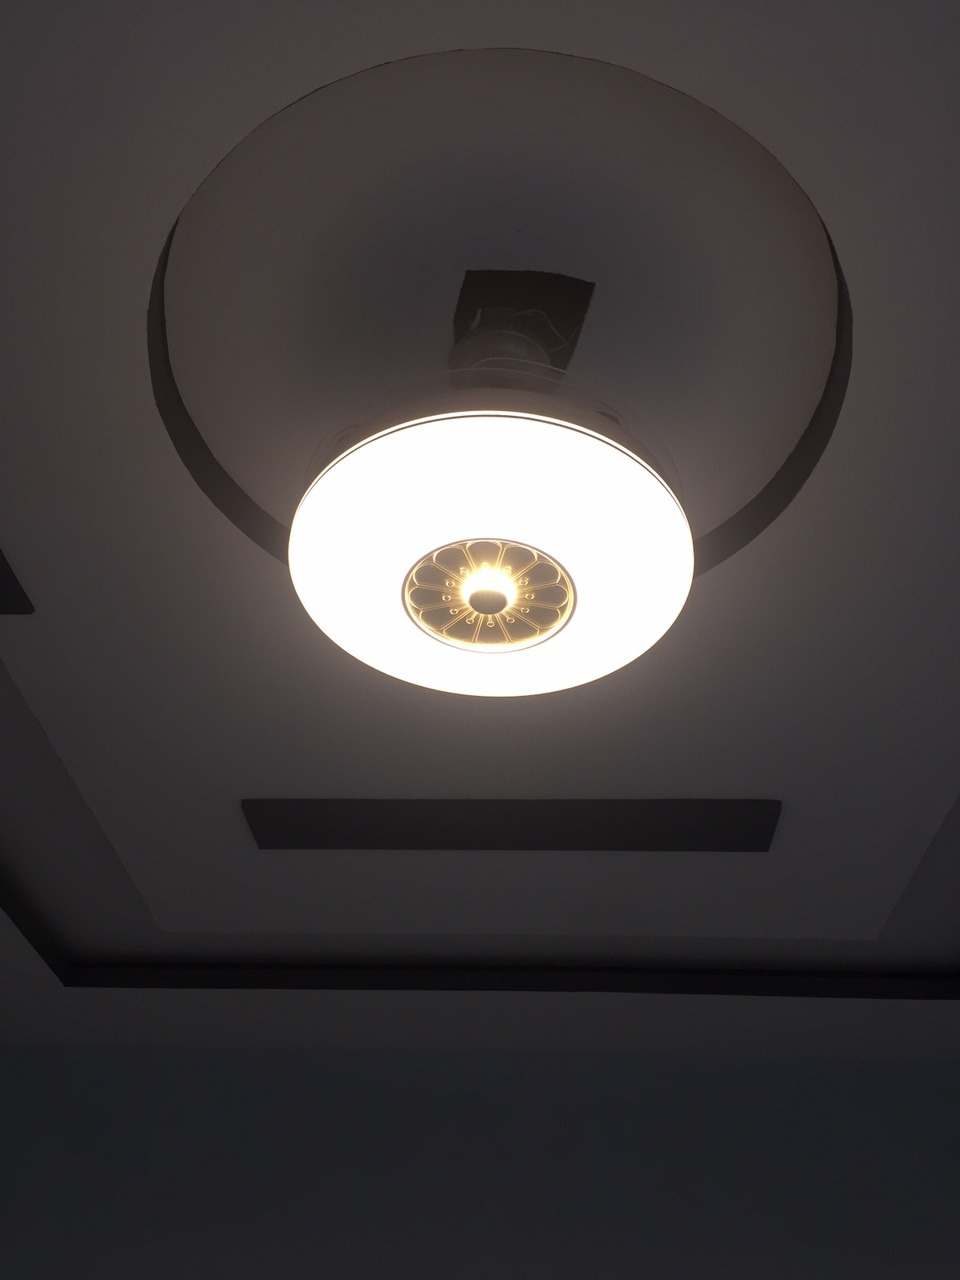 Quạt trần đèn model 6001 trang trí phòng khách